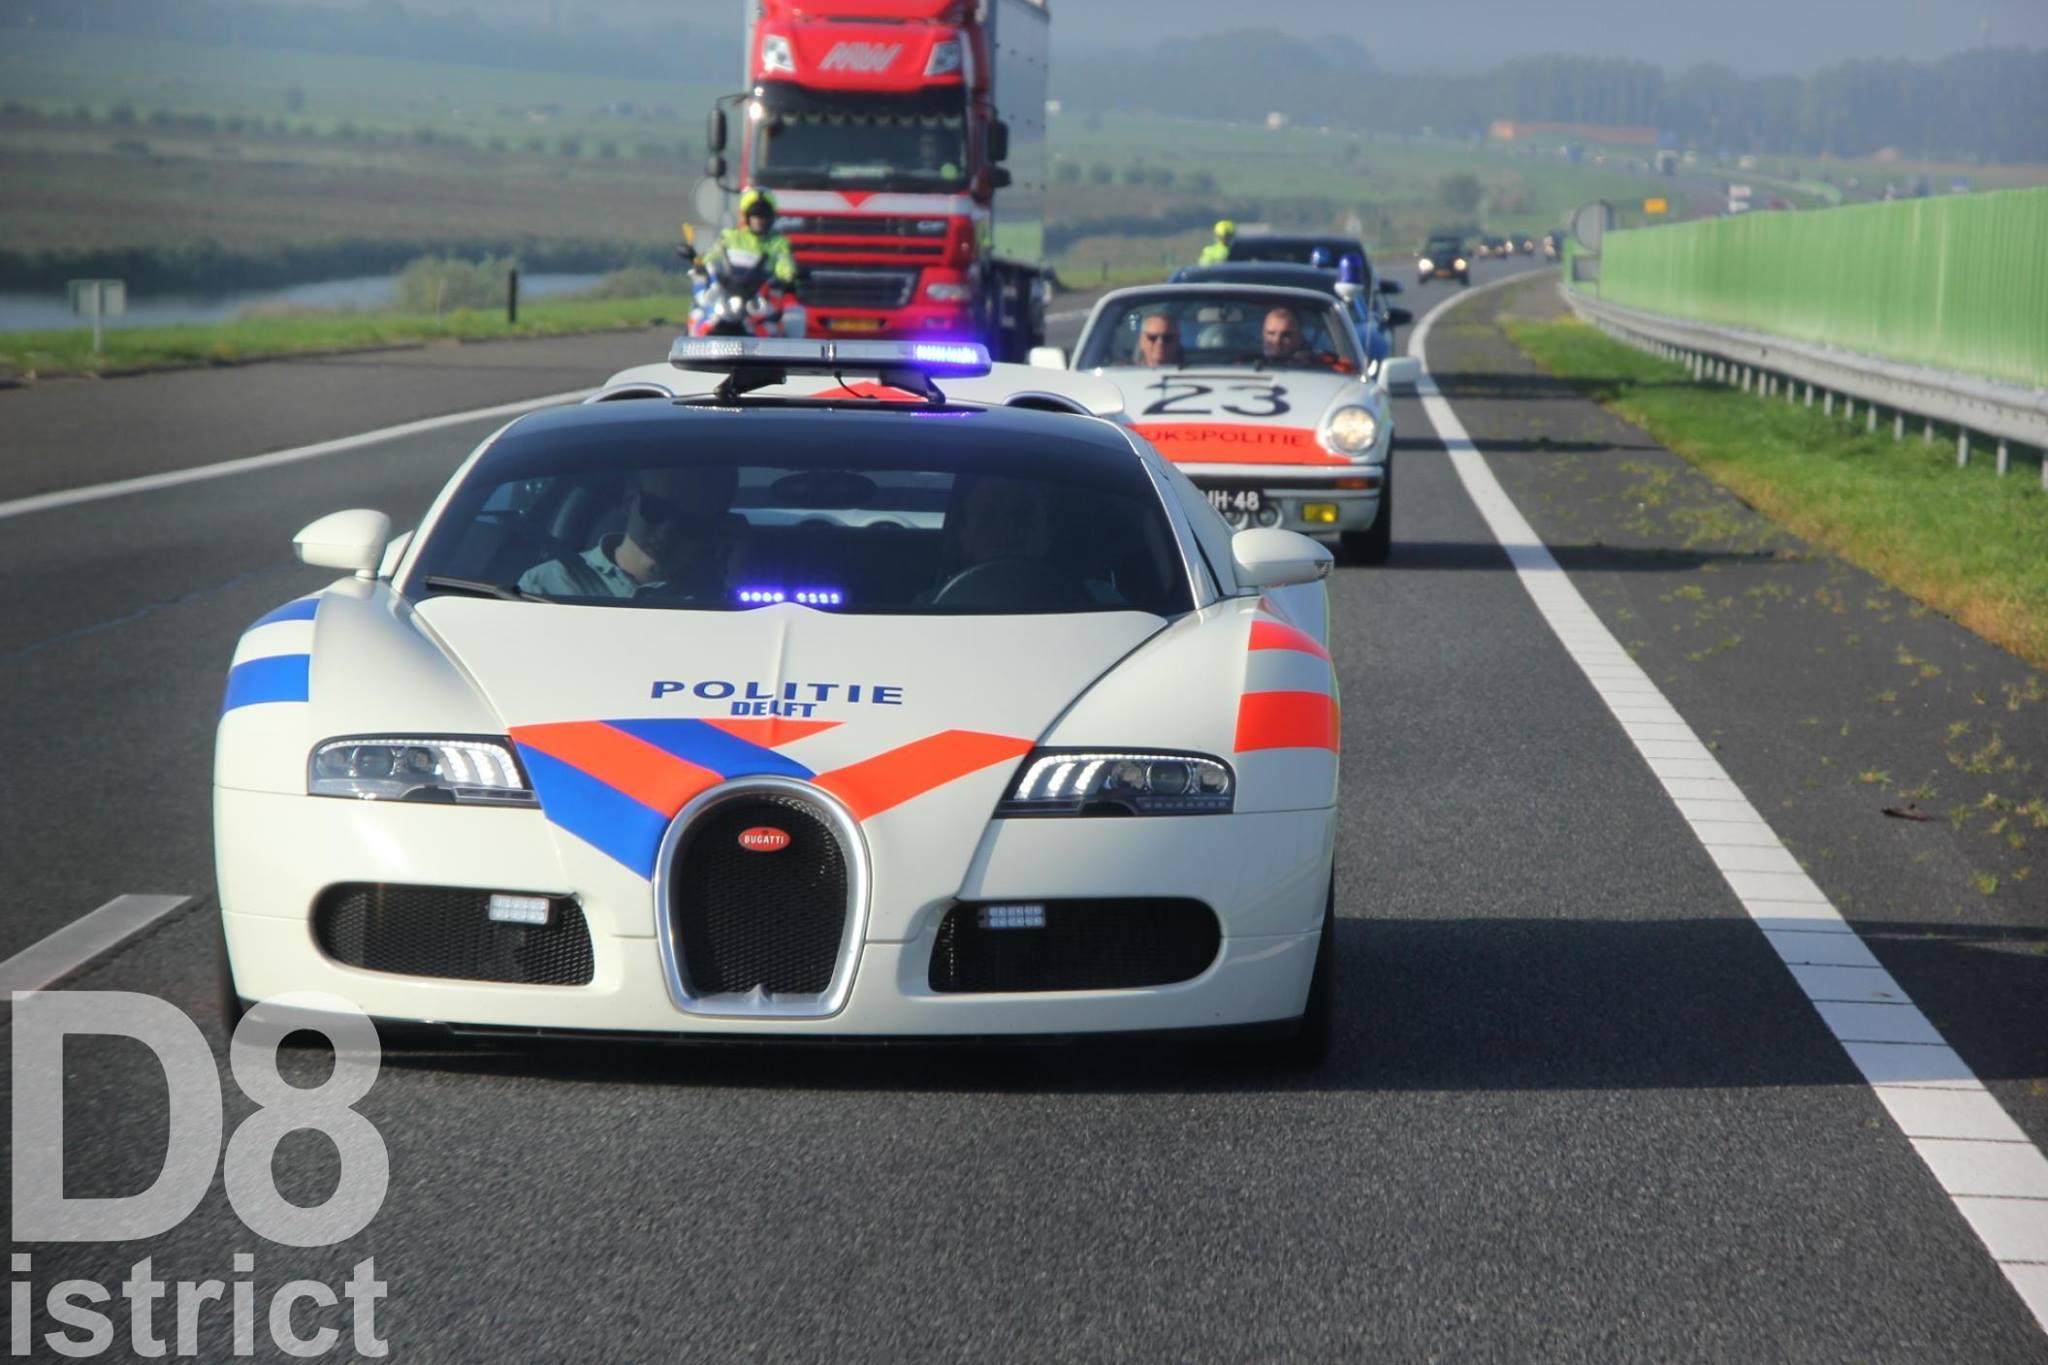 Dit Is De Enige Echte Nederlandse Politie Bugatti Veyron